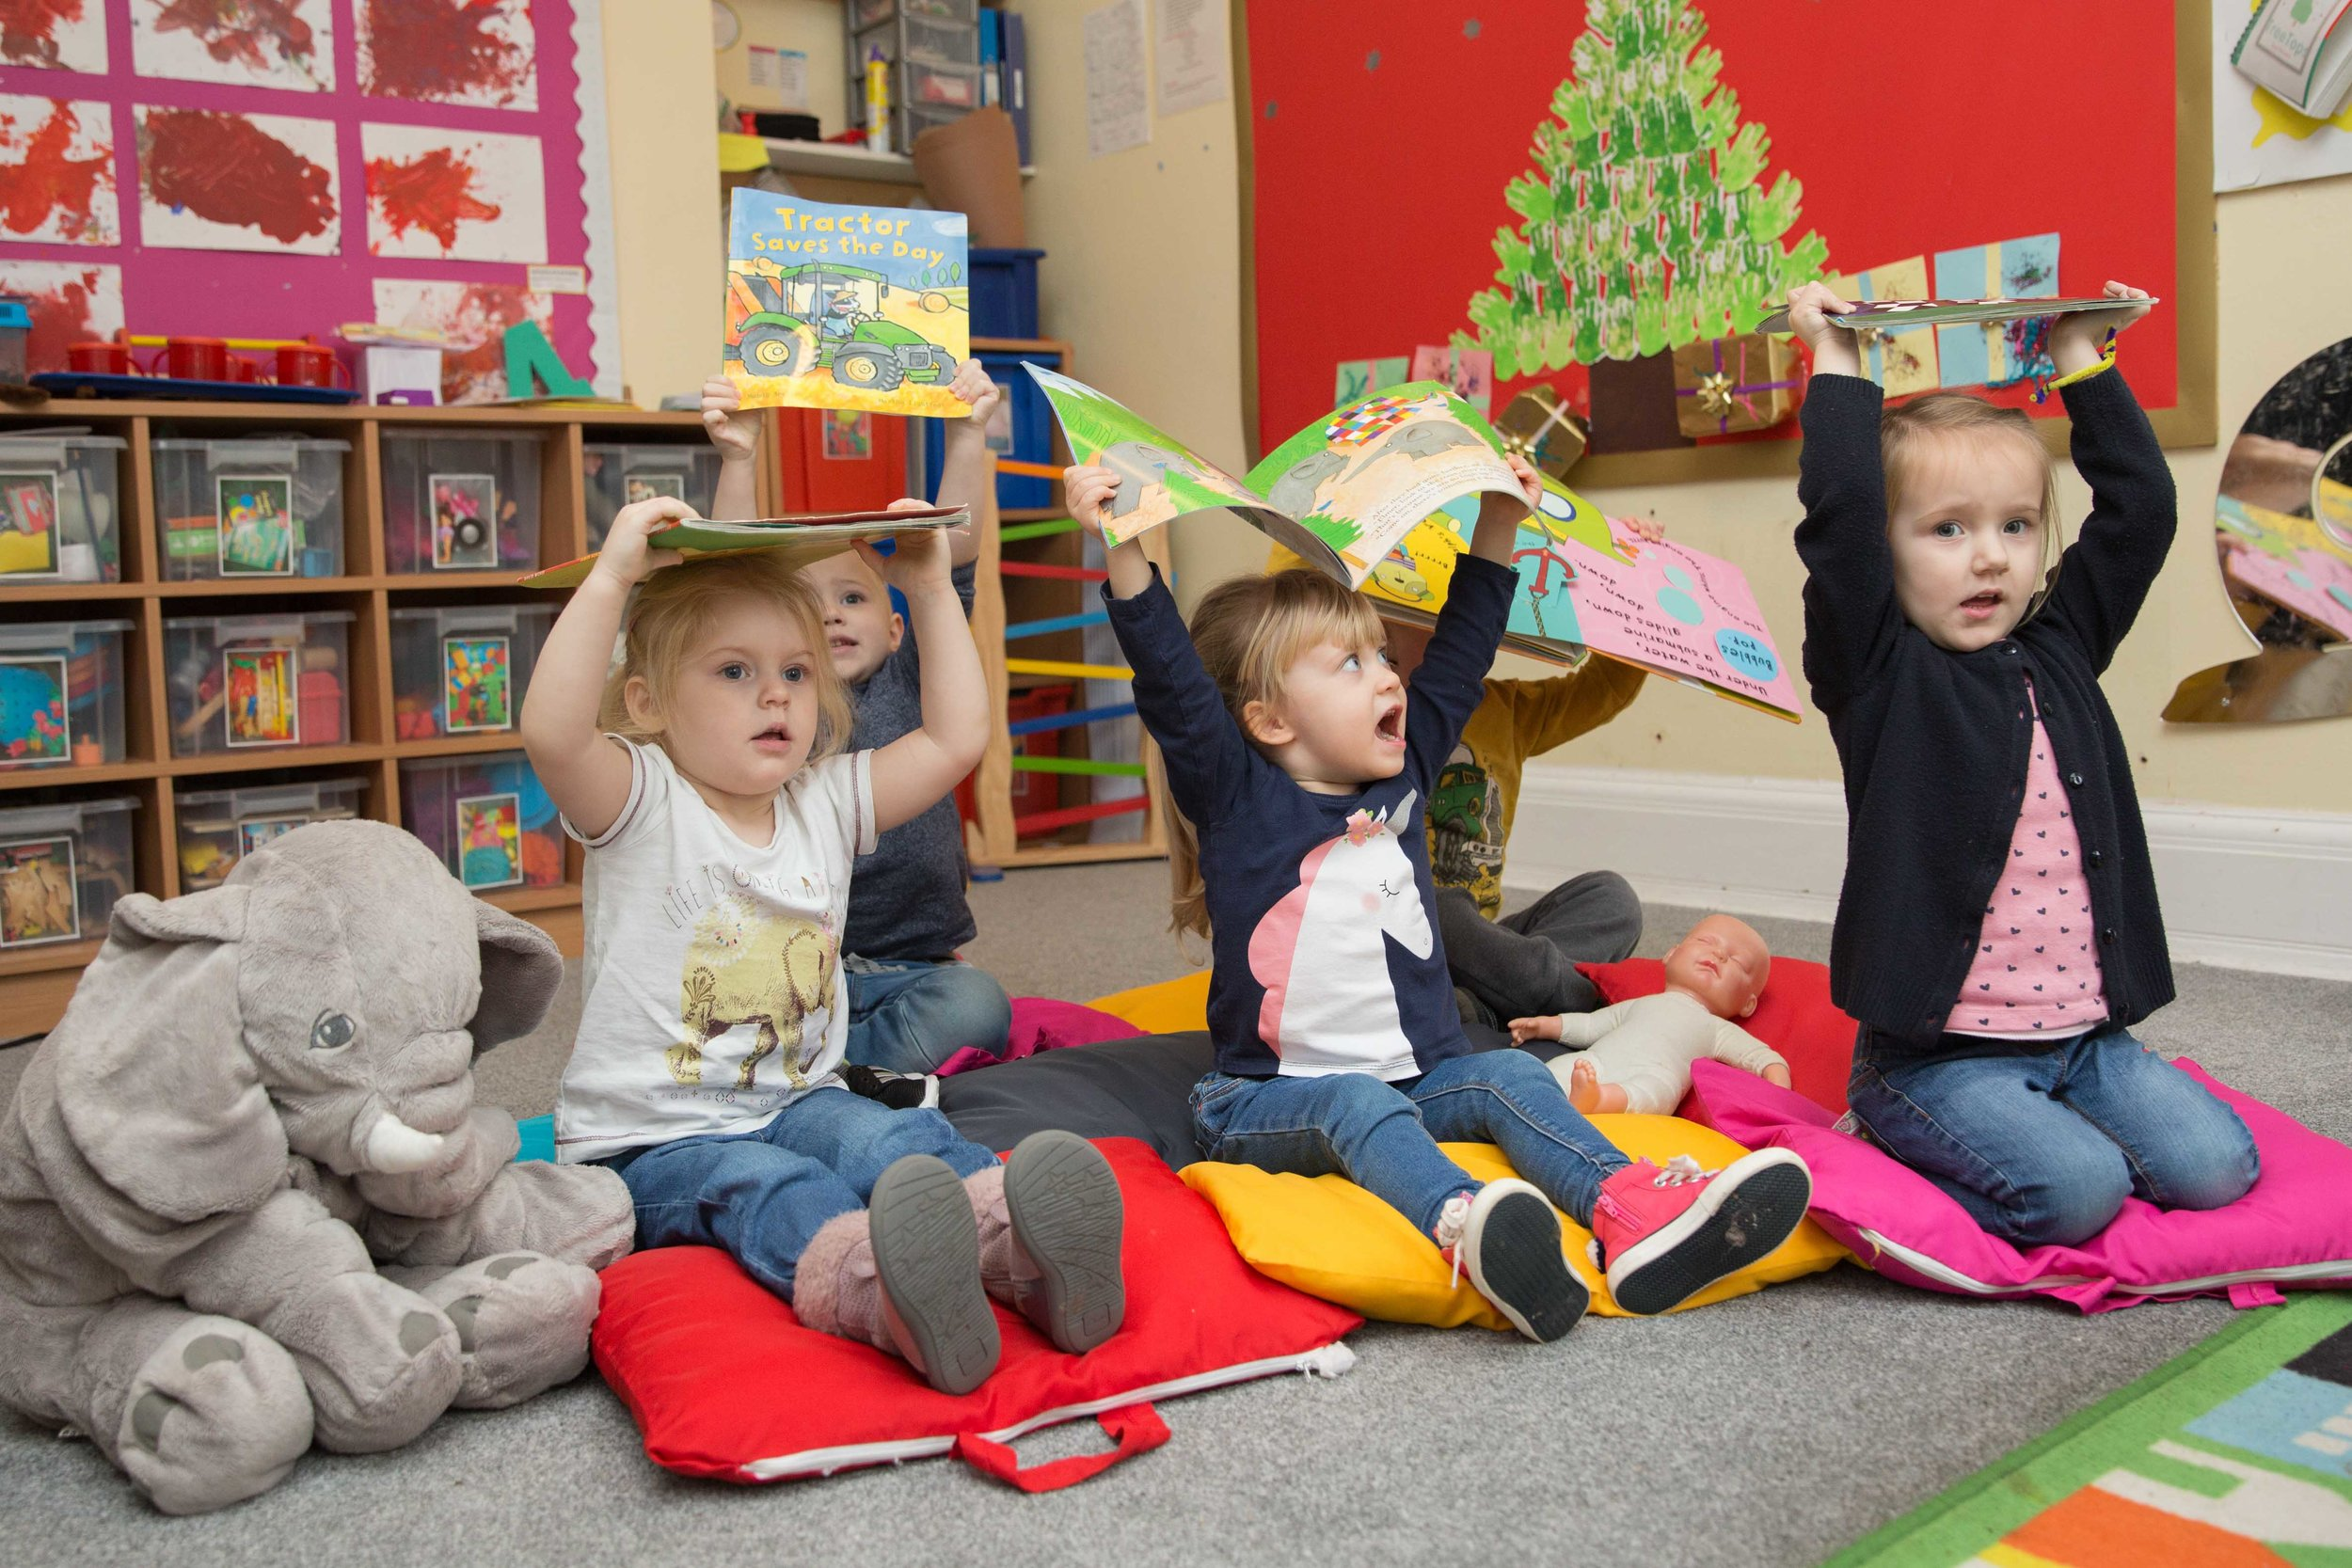 1-Commercial-nursery-school-photographer-gloucester-natalia-smith-photography-3.jpg